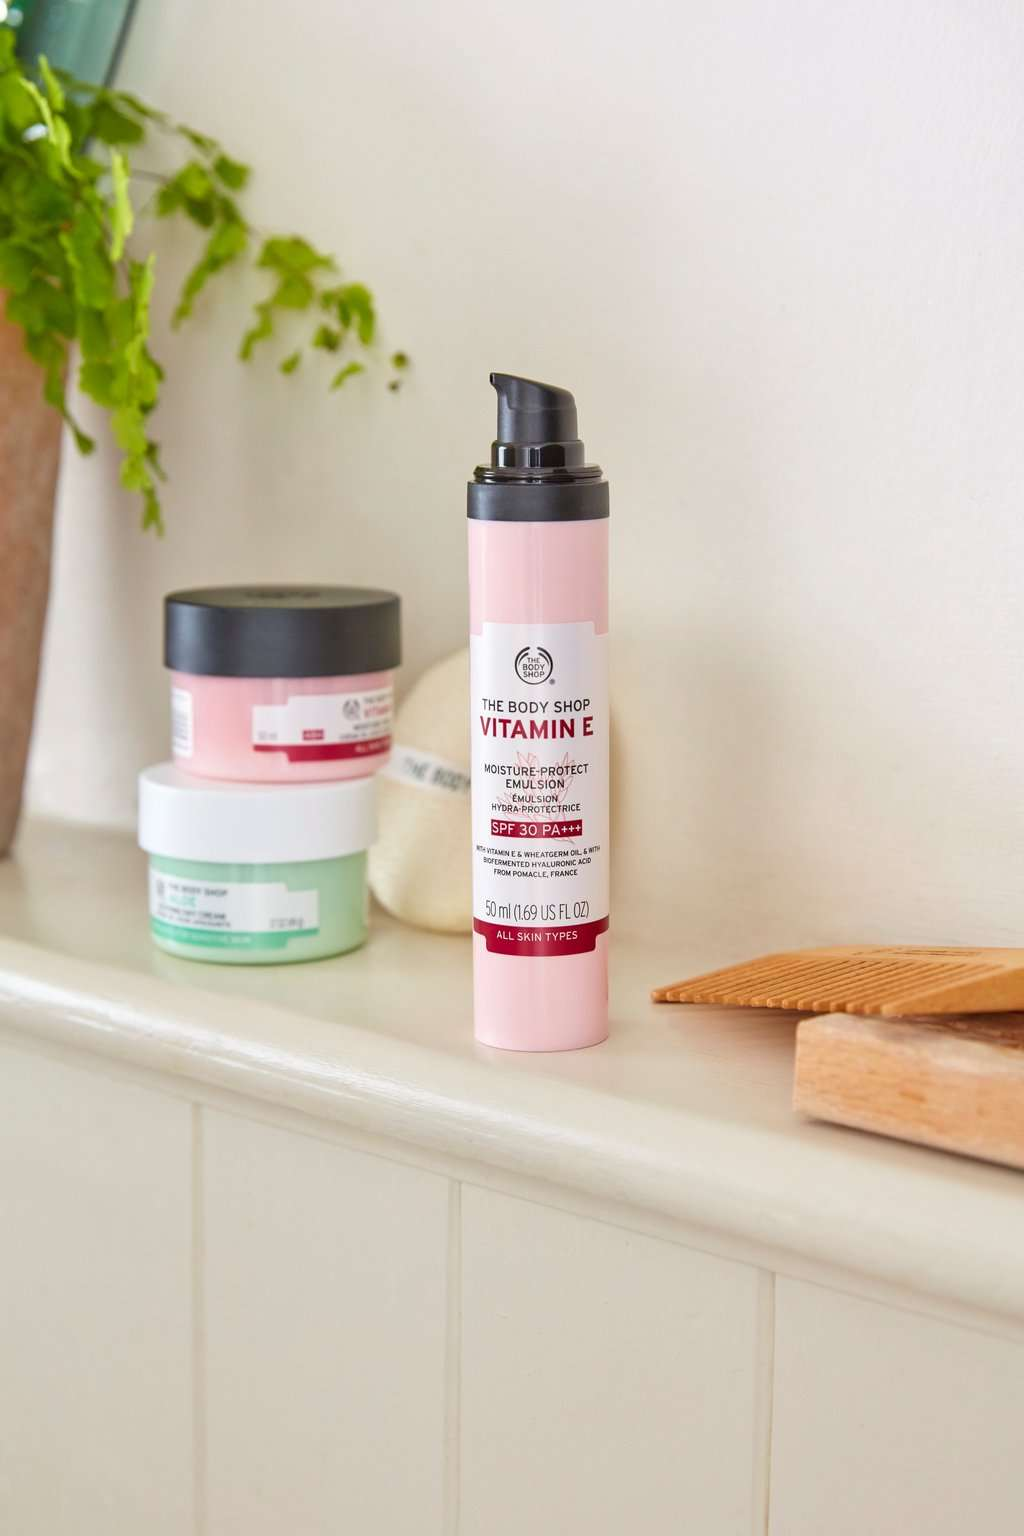 The Body Shop Vitamin E Moisture Protect Emulsion